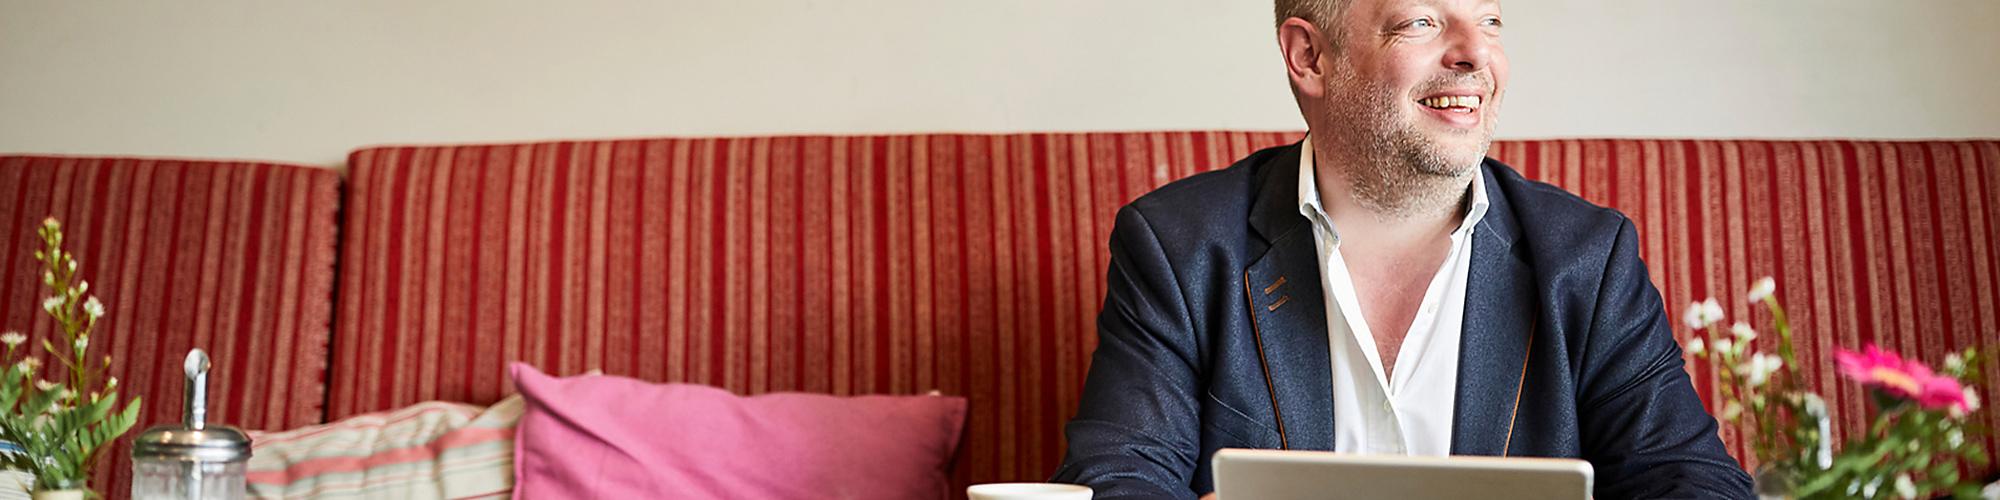 Bild von einem lächelnden Mann mit Laptop und Kaffeetasse